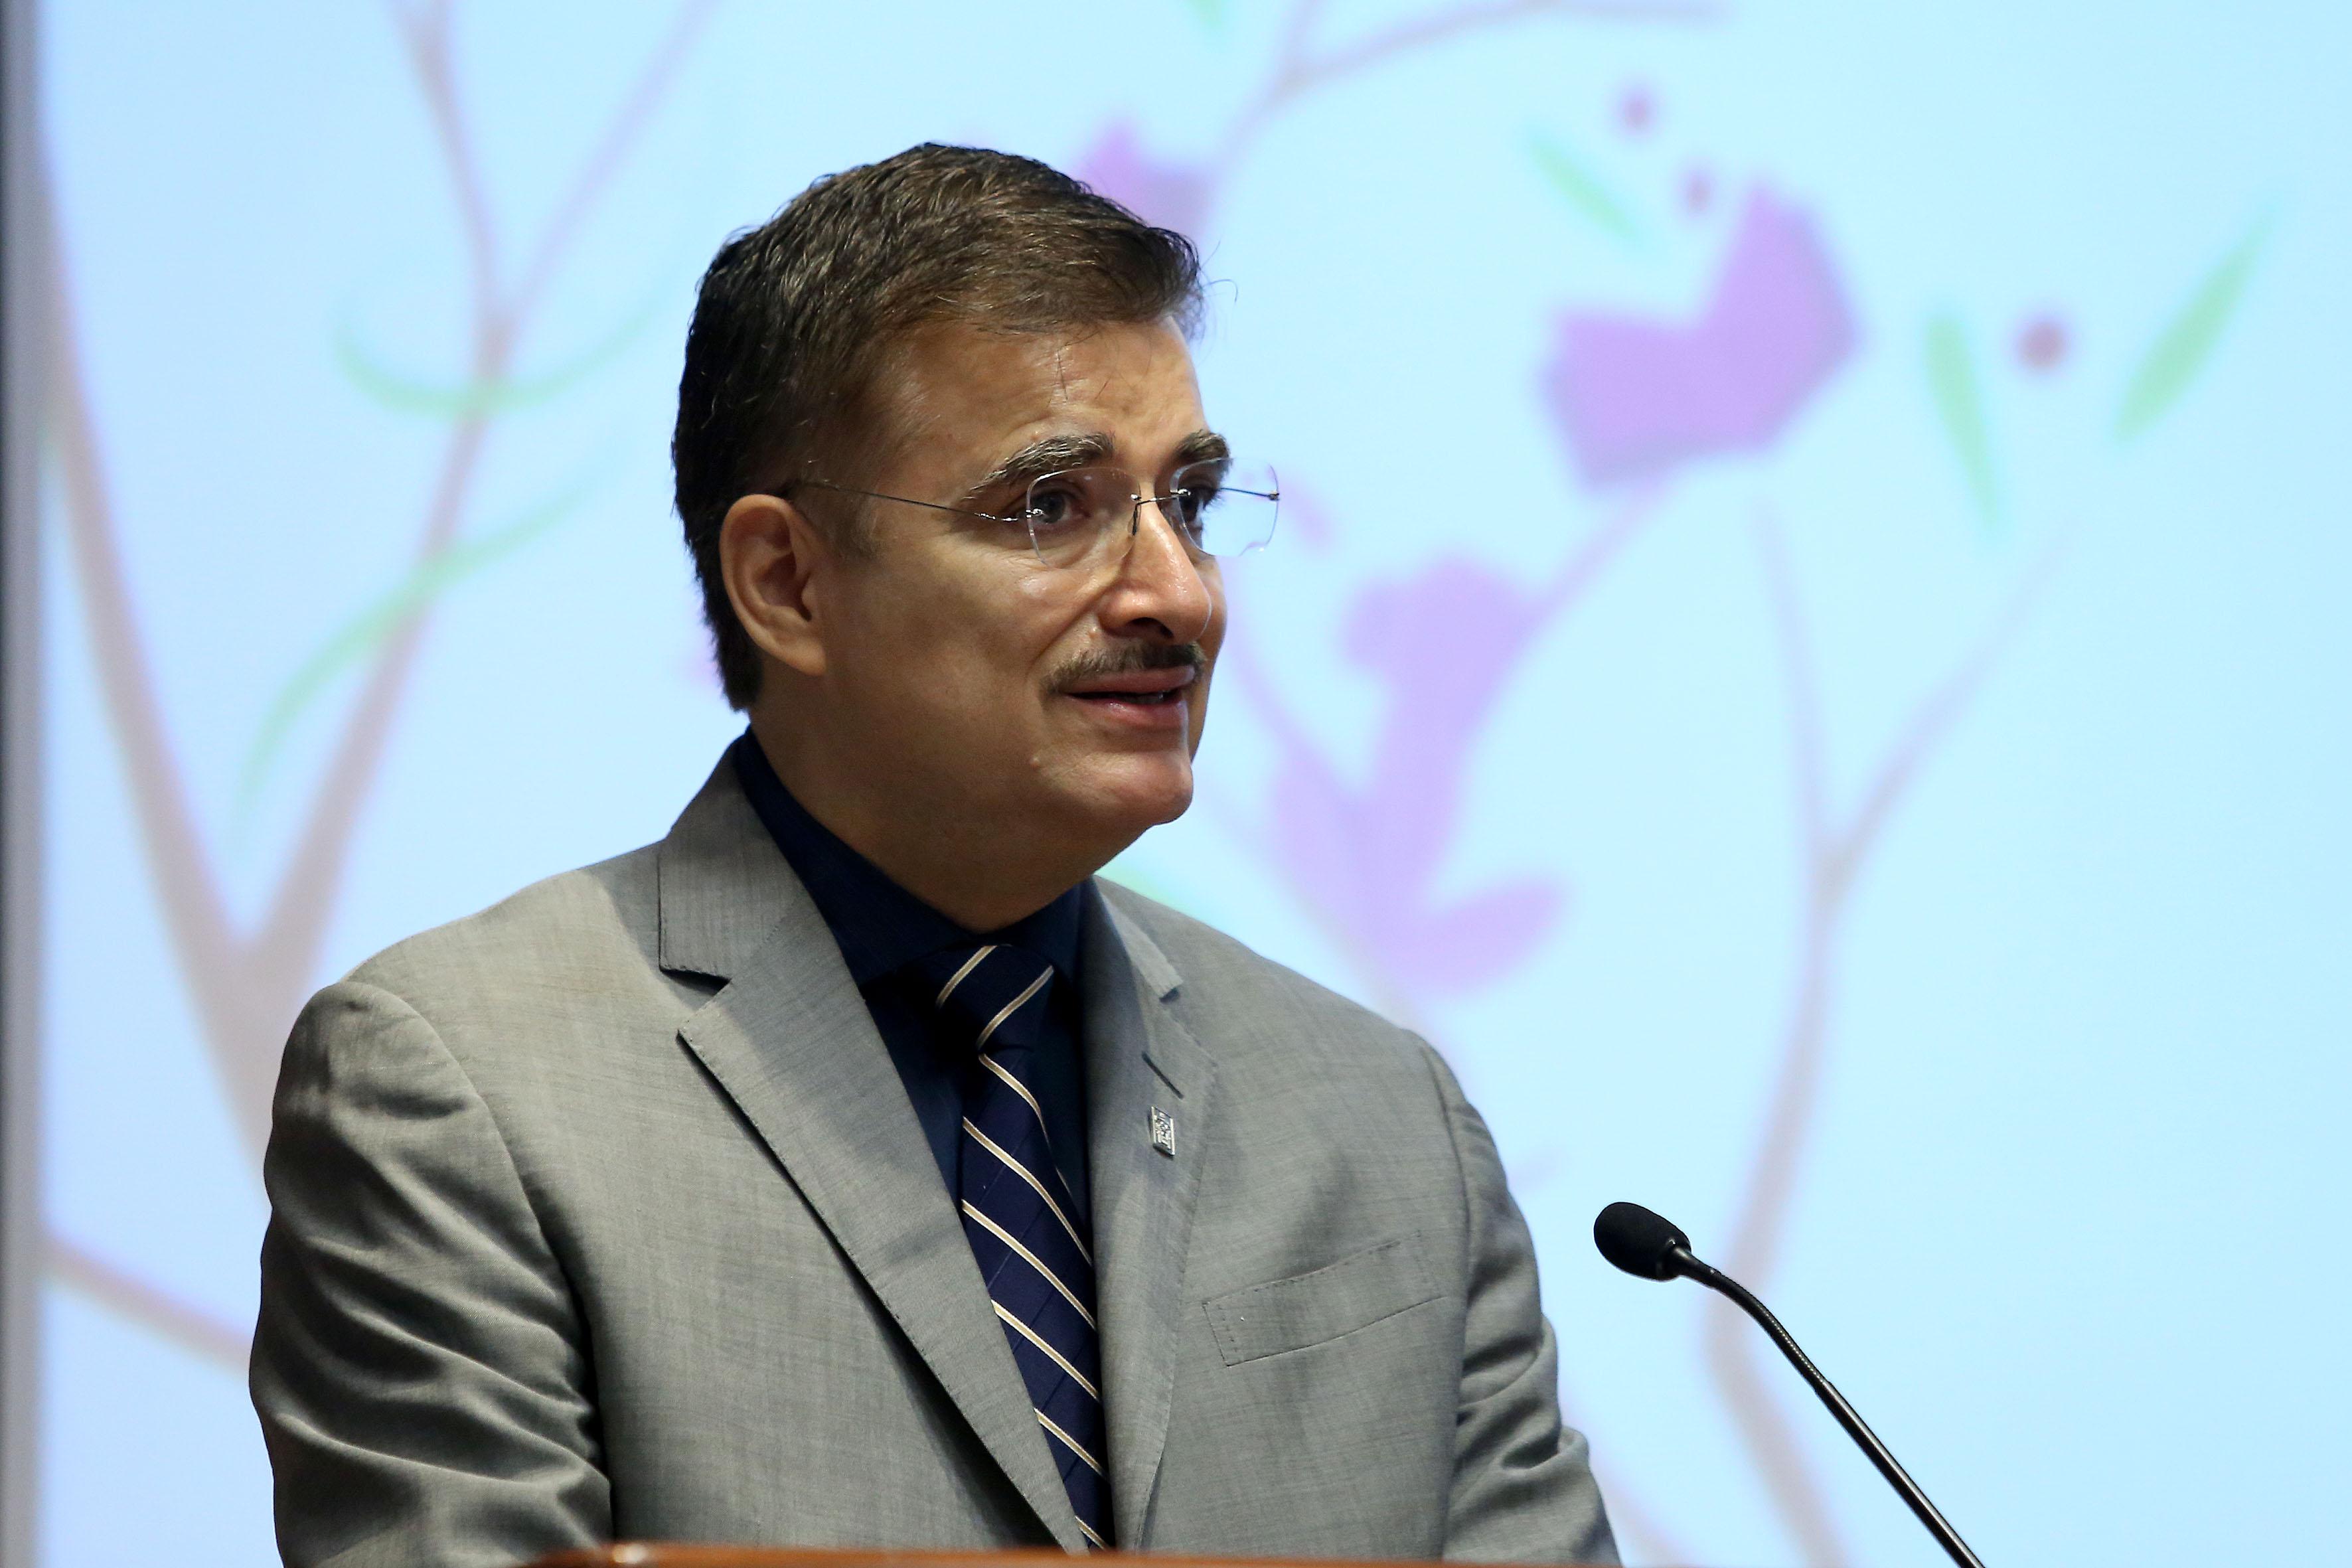 Rector General de la Universidad de Guadalajara, maestro Itzcóatl Tonatiuh Bravo Padilla, haciendo uso de la palabra, en podium del evento.